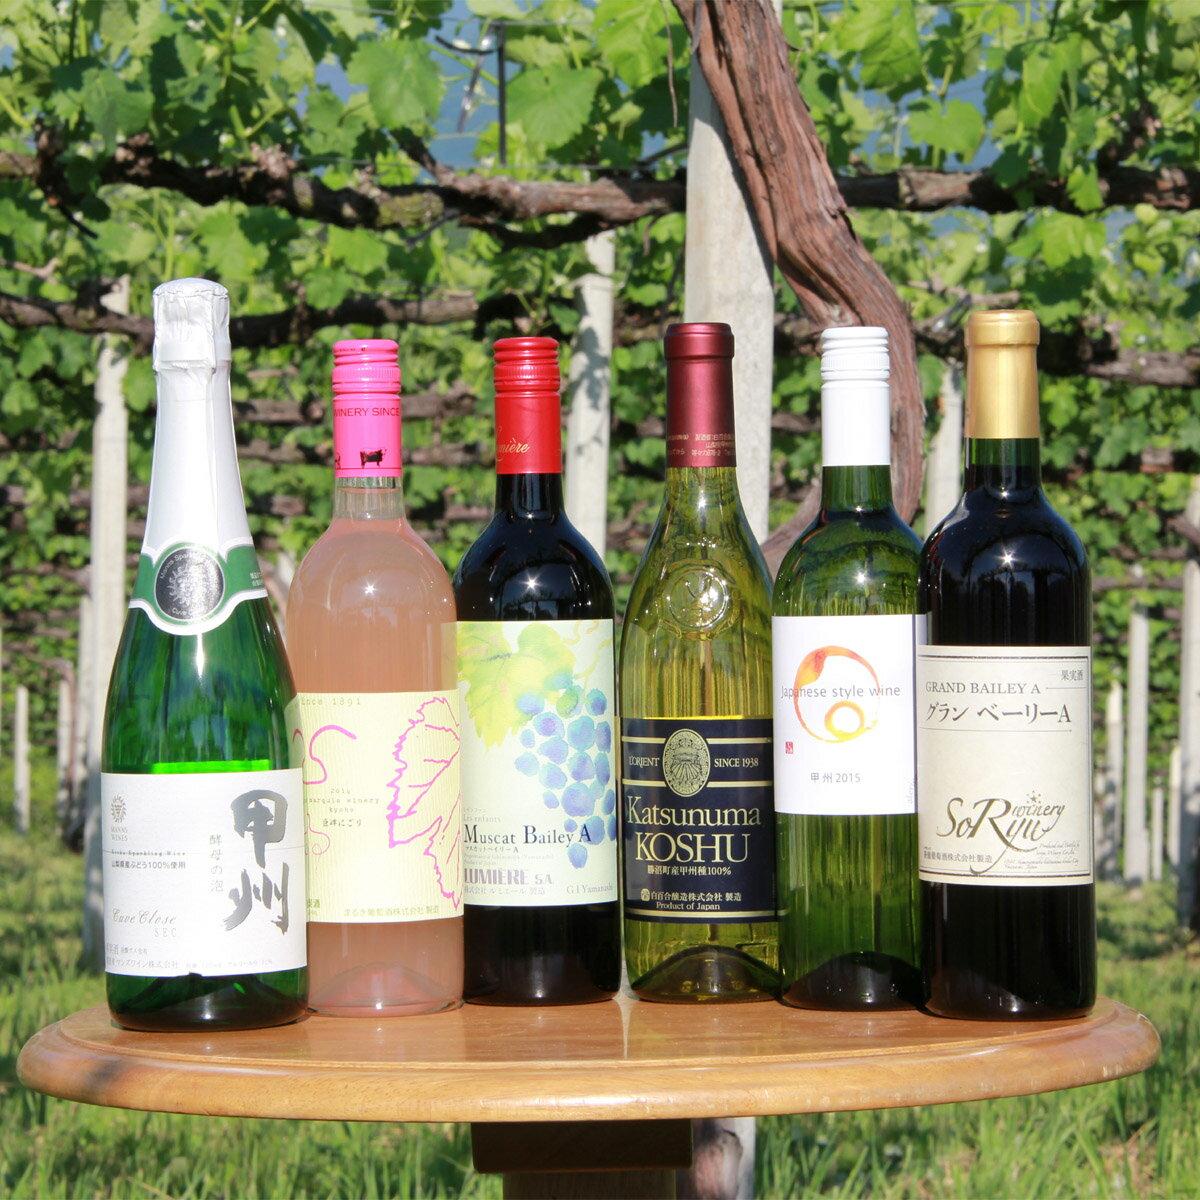 【ふるさと納税】山梨ワインバラエティー6本セット(TO−52)山梨ワインを楽しめるタイプの違う6品種のチョイス